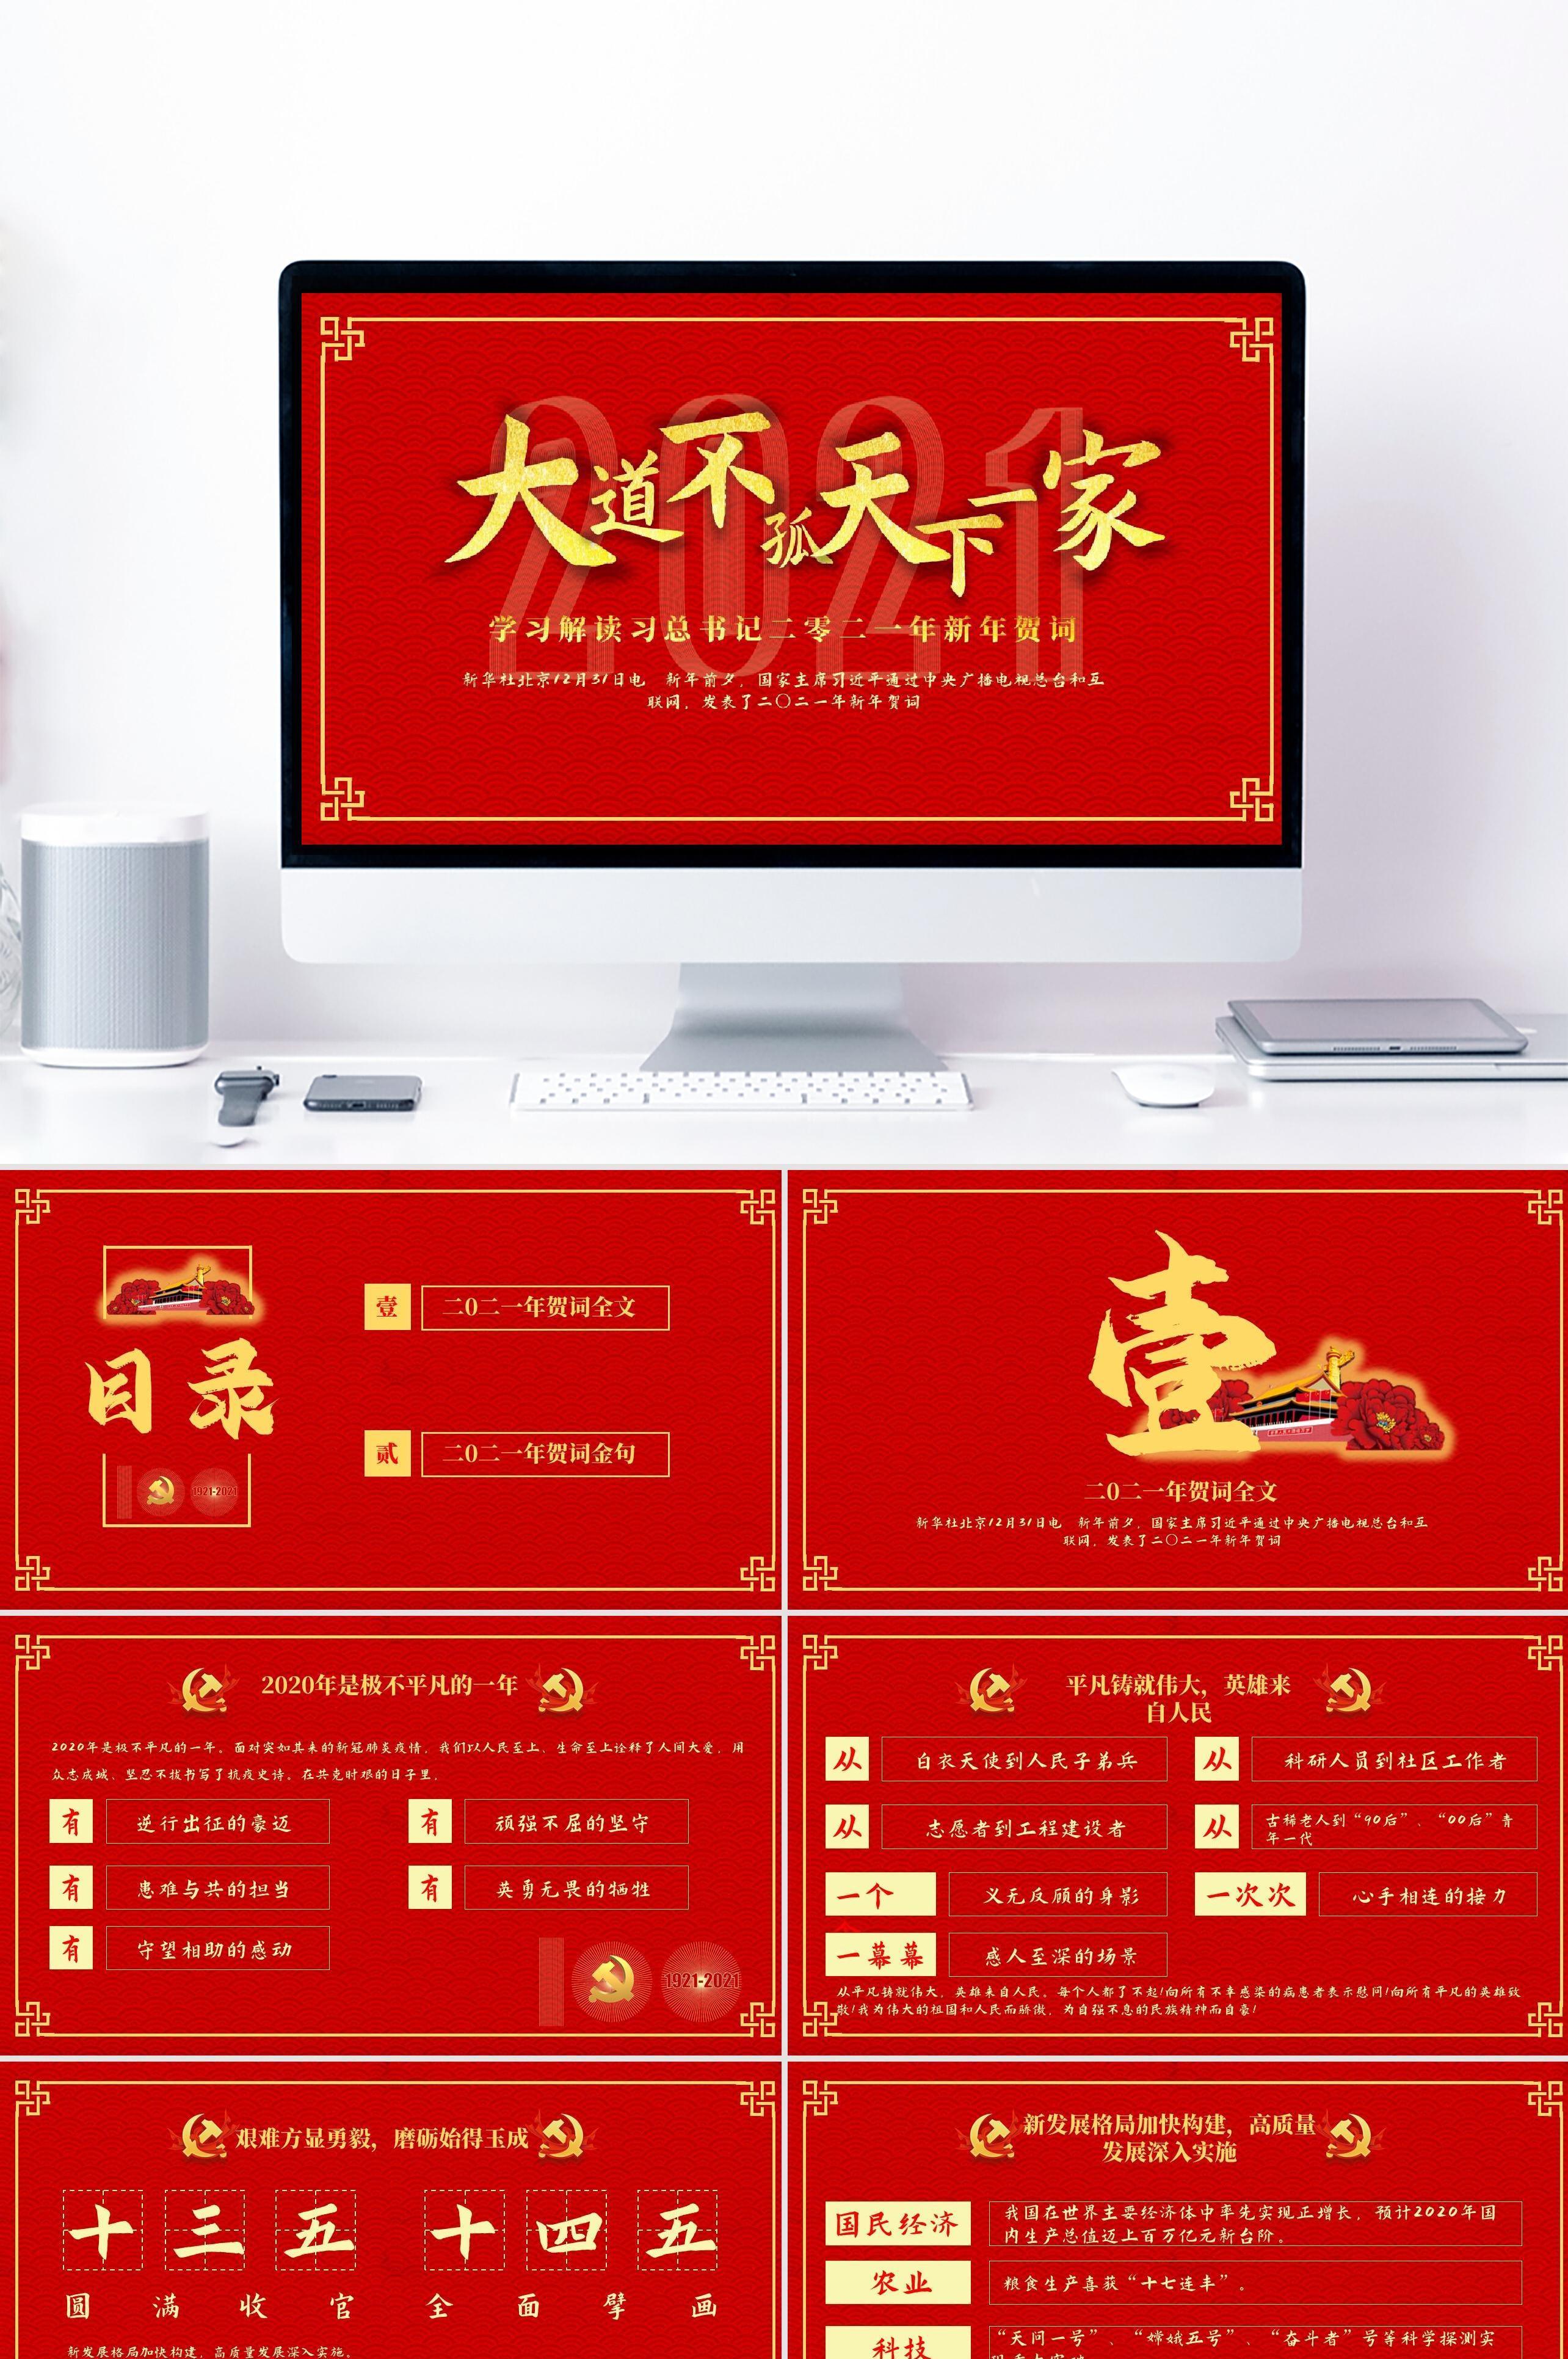 学习解读习总书记二〇二一年新年贺词ppt模板